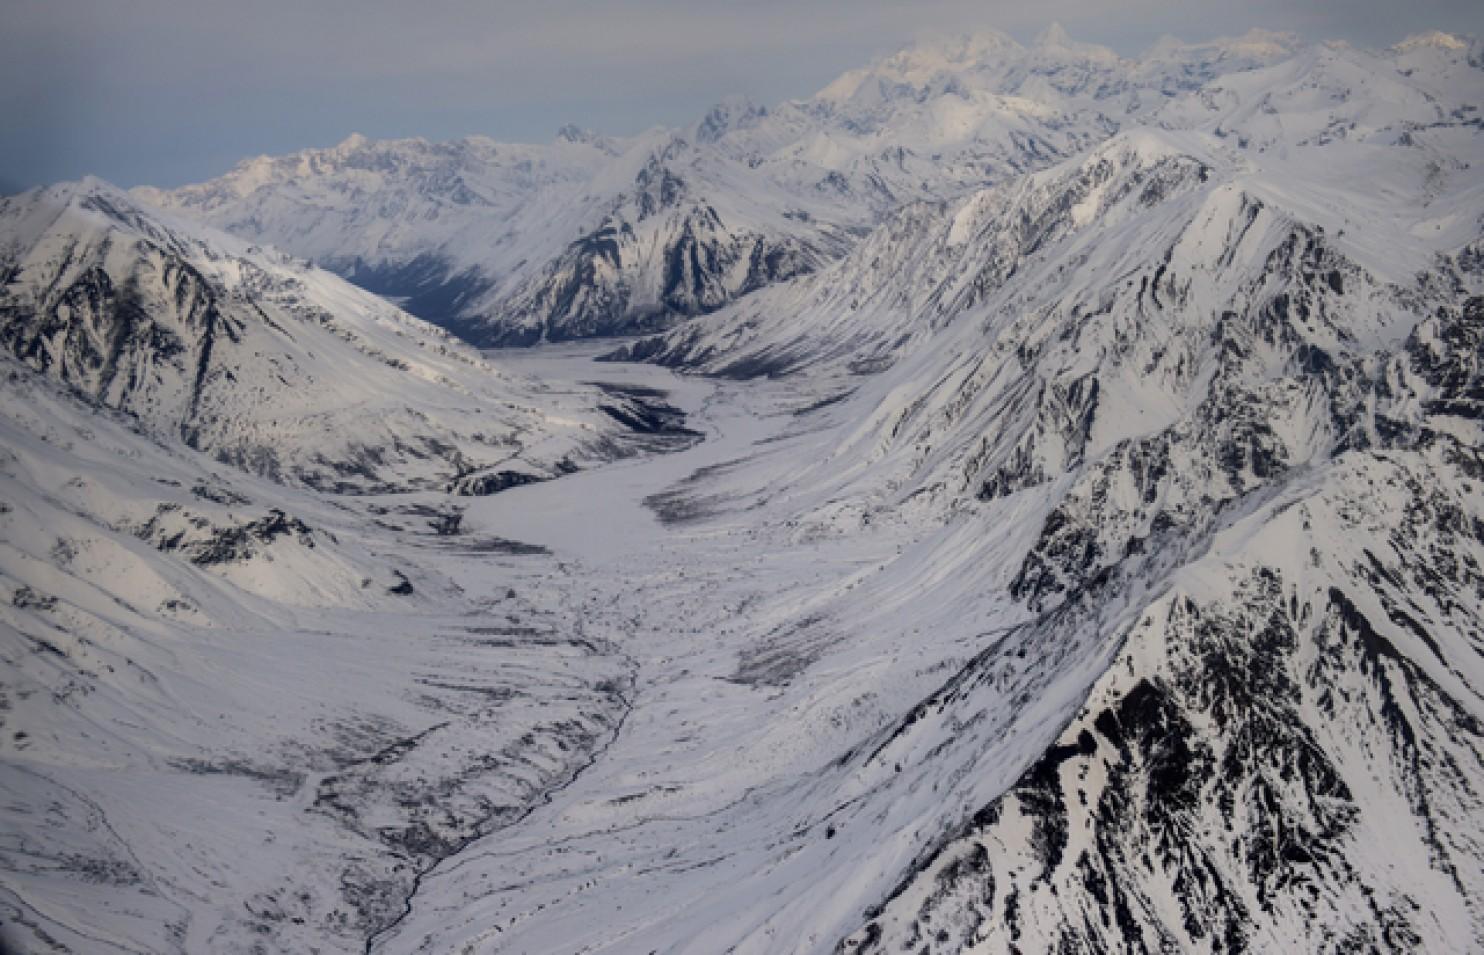 ग्लेशियर टूटने से श्रीखंड यात्रा के 4 तीर्थ यात्री घायल